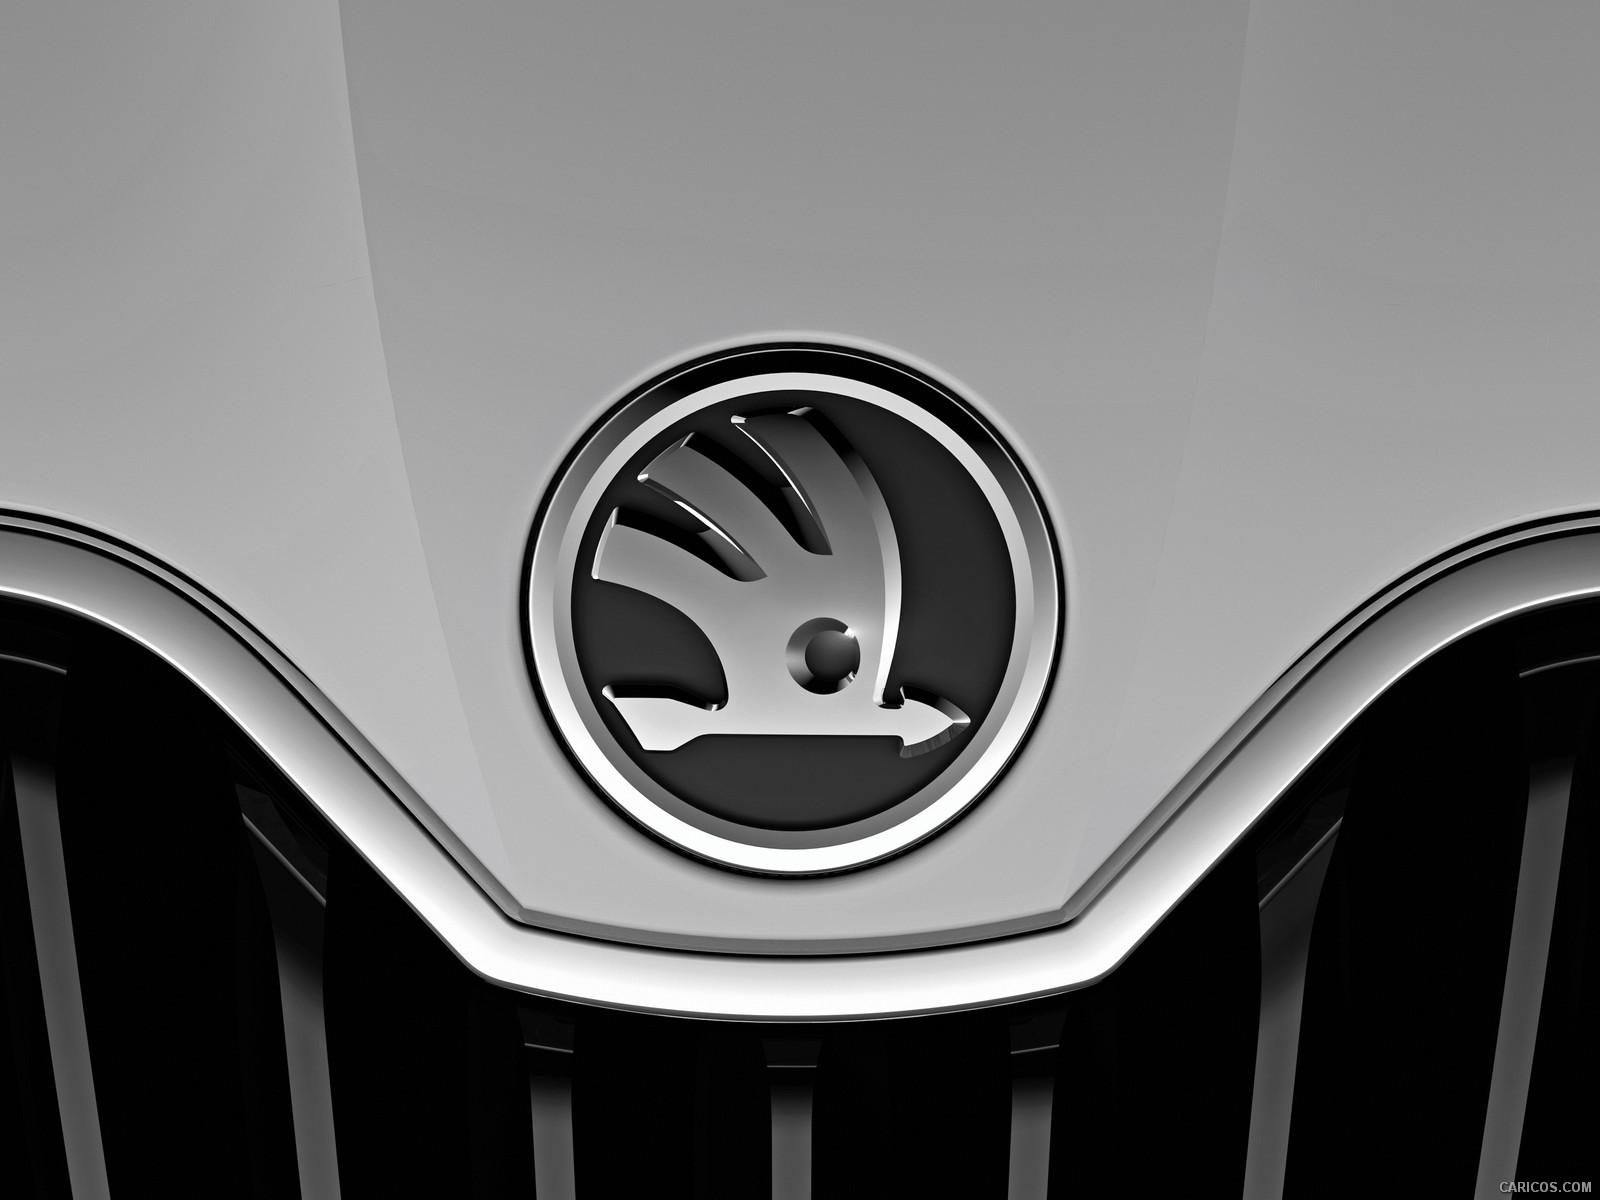 Nowe logo skody napojeździe koncepcyjnym